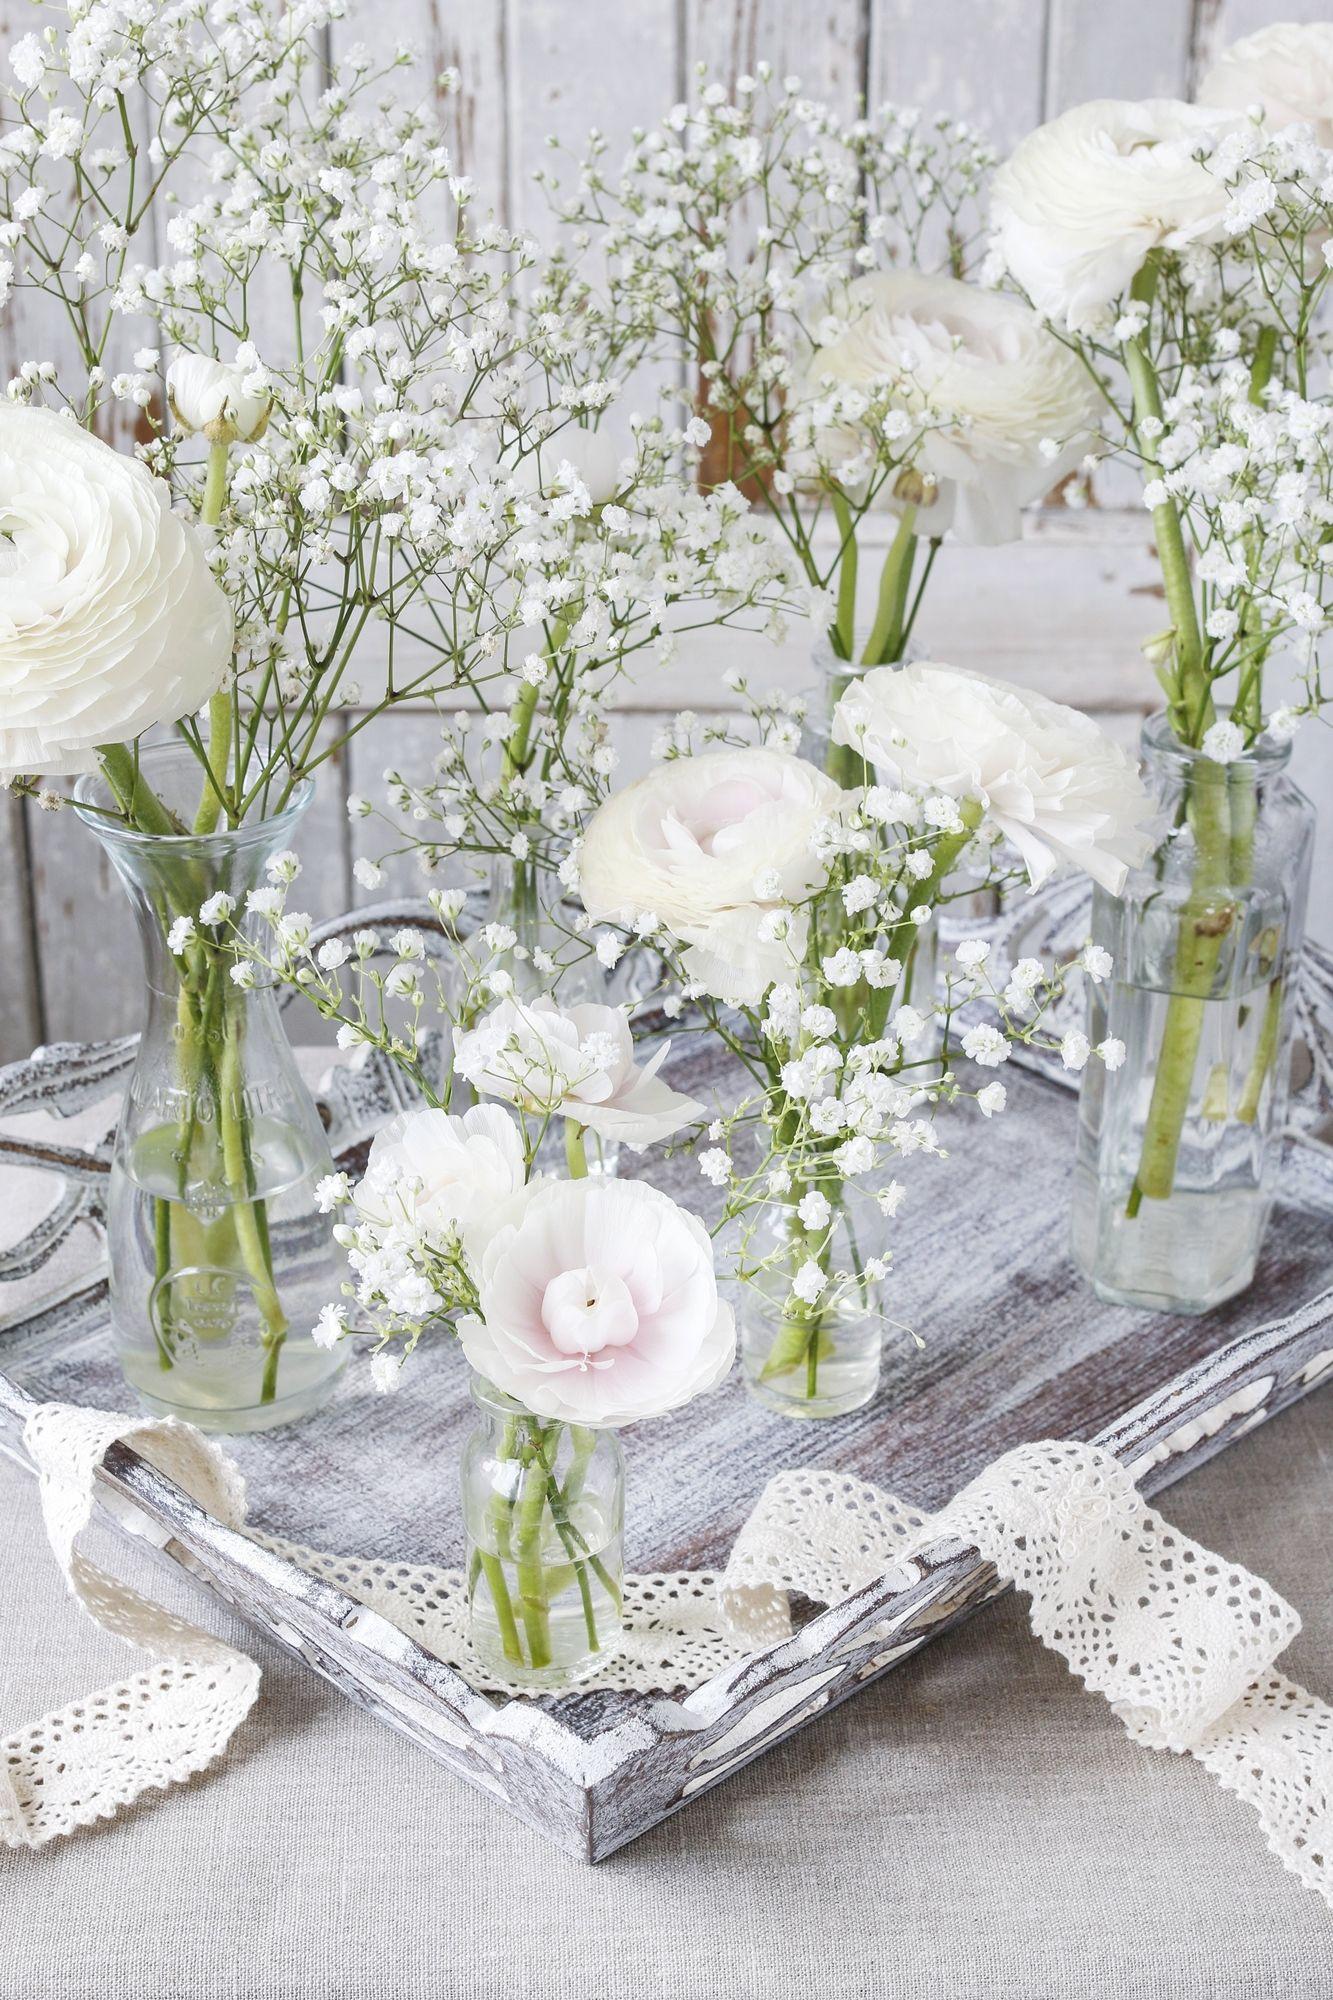 Dekoracje Komunijne Na Stół Fot Shutterstock Taca Kwiaty